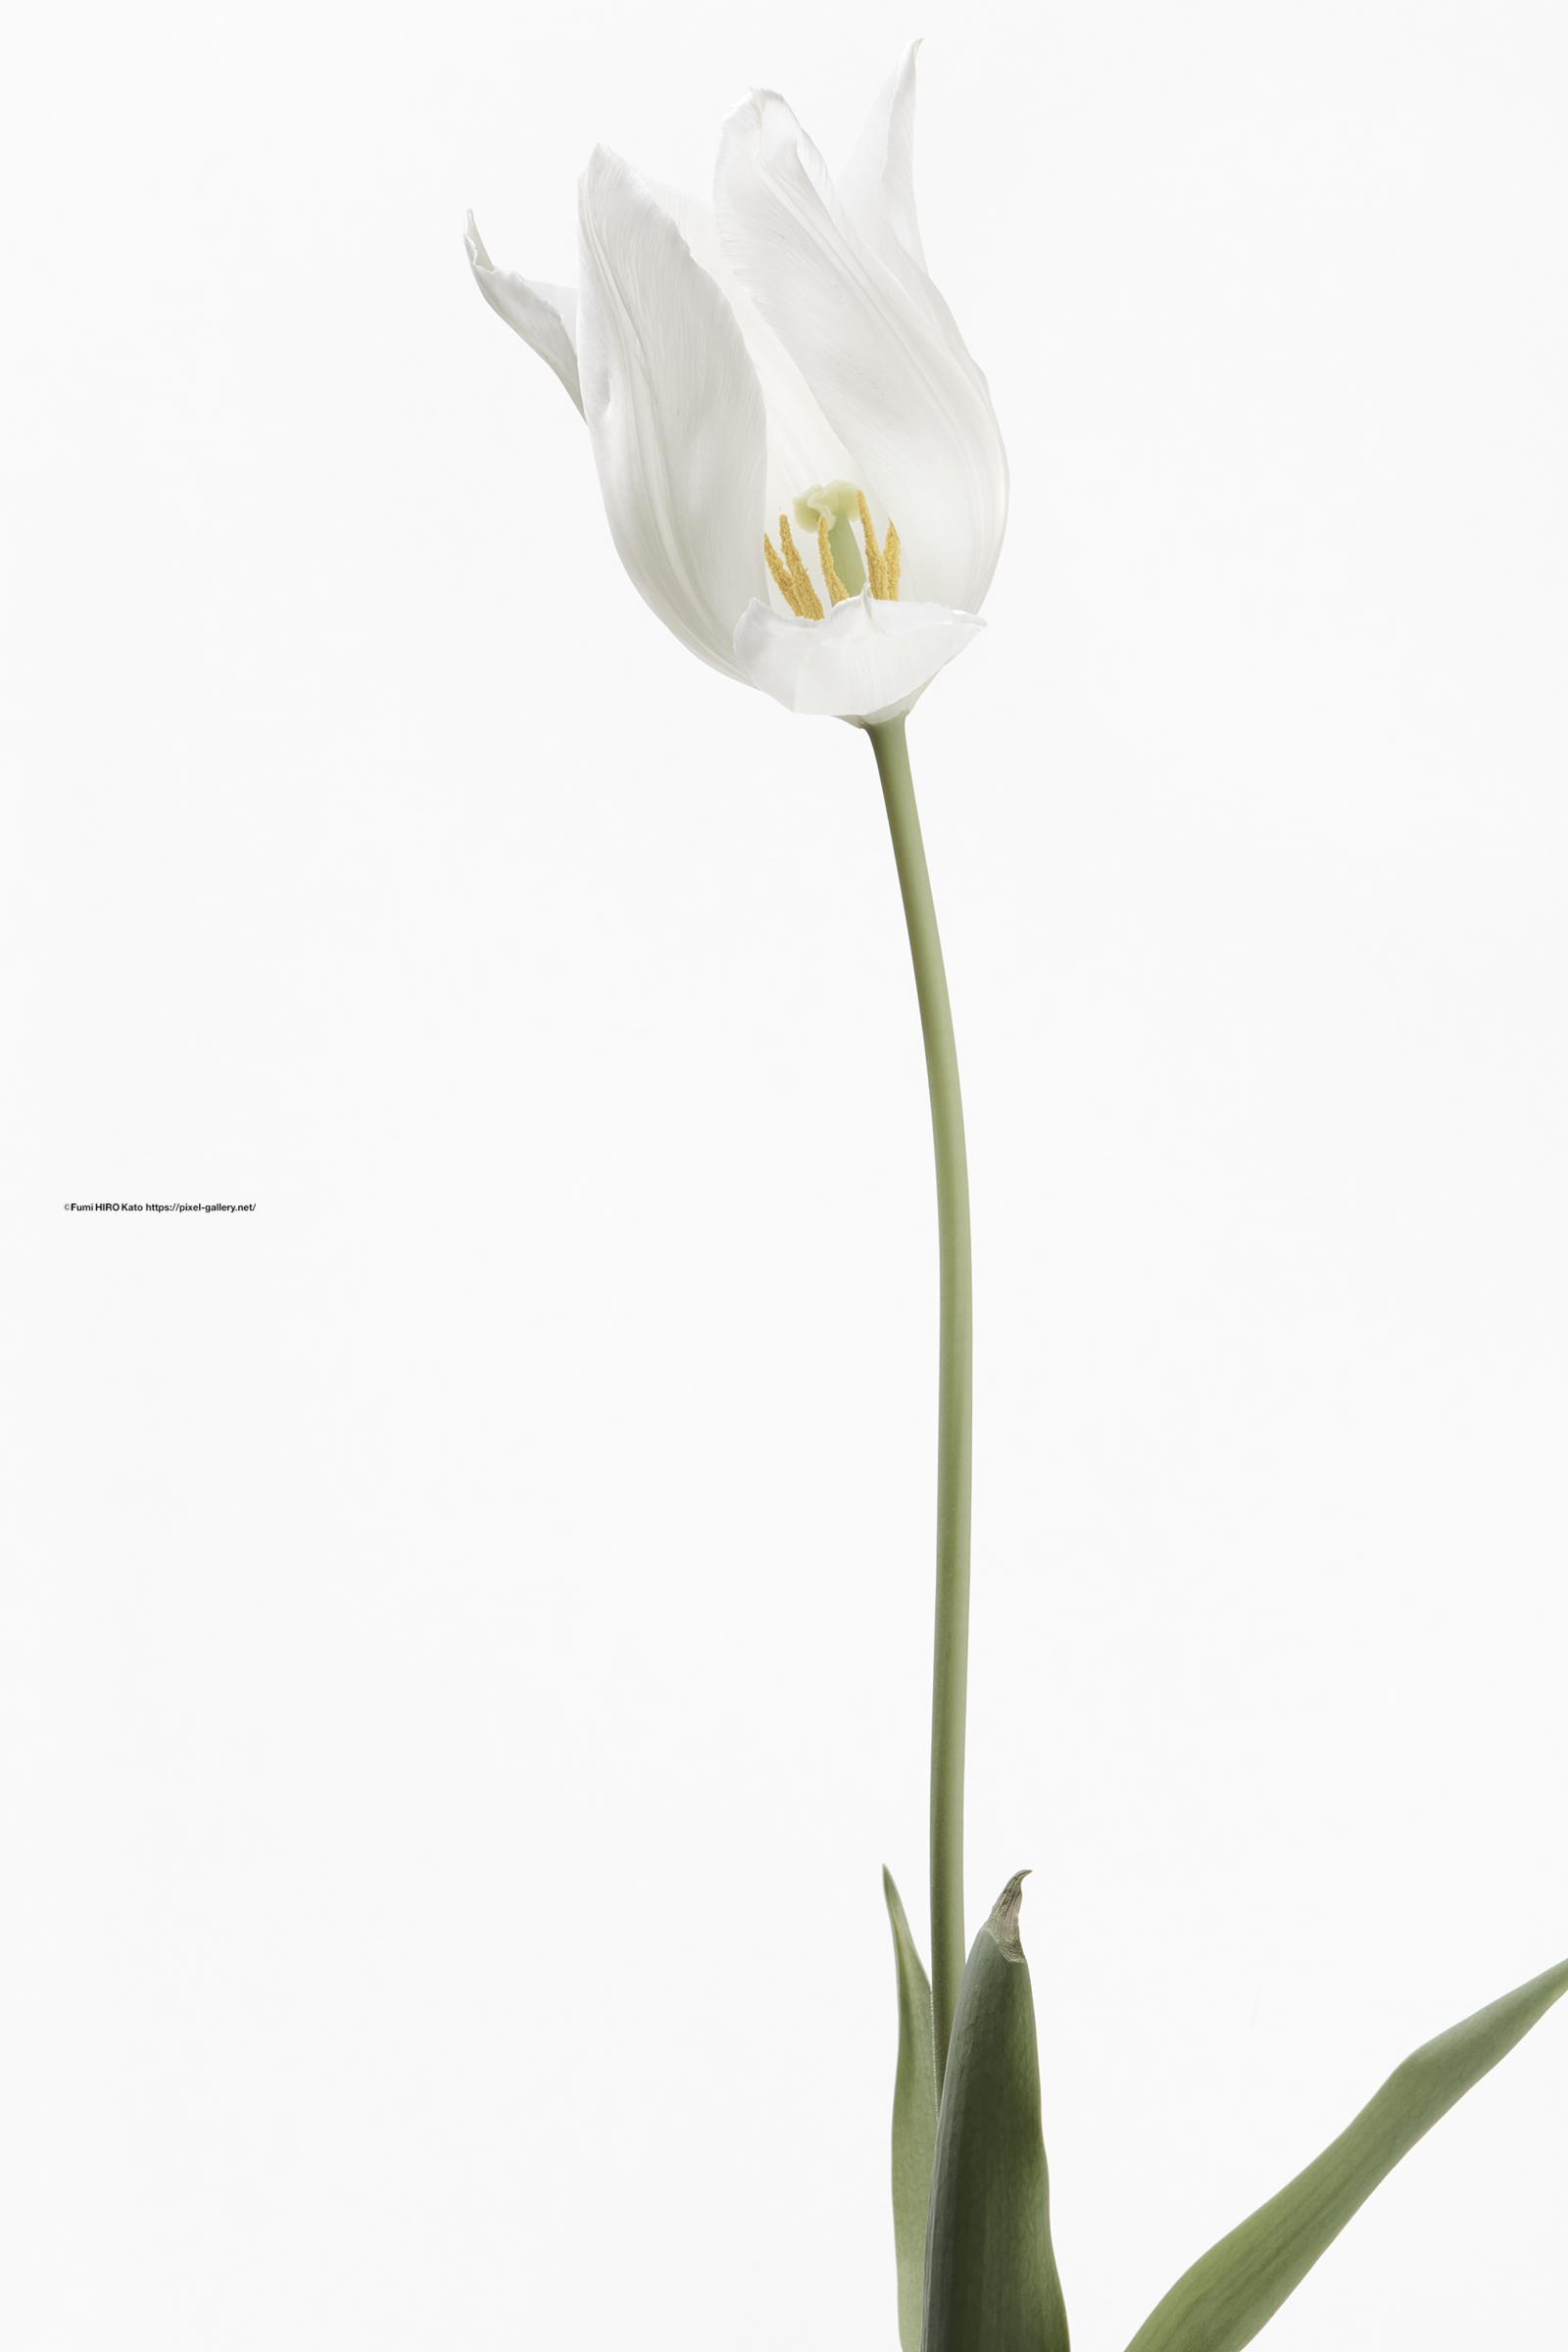 ハナ 2021-021 Tulip